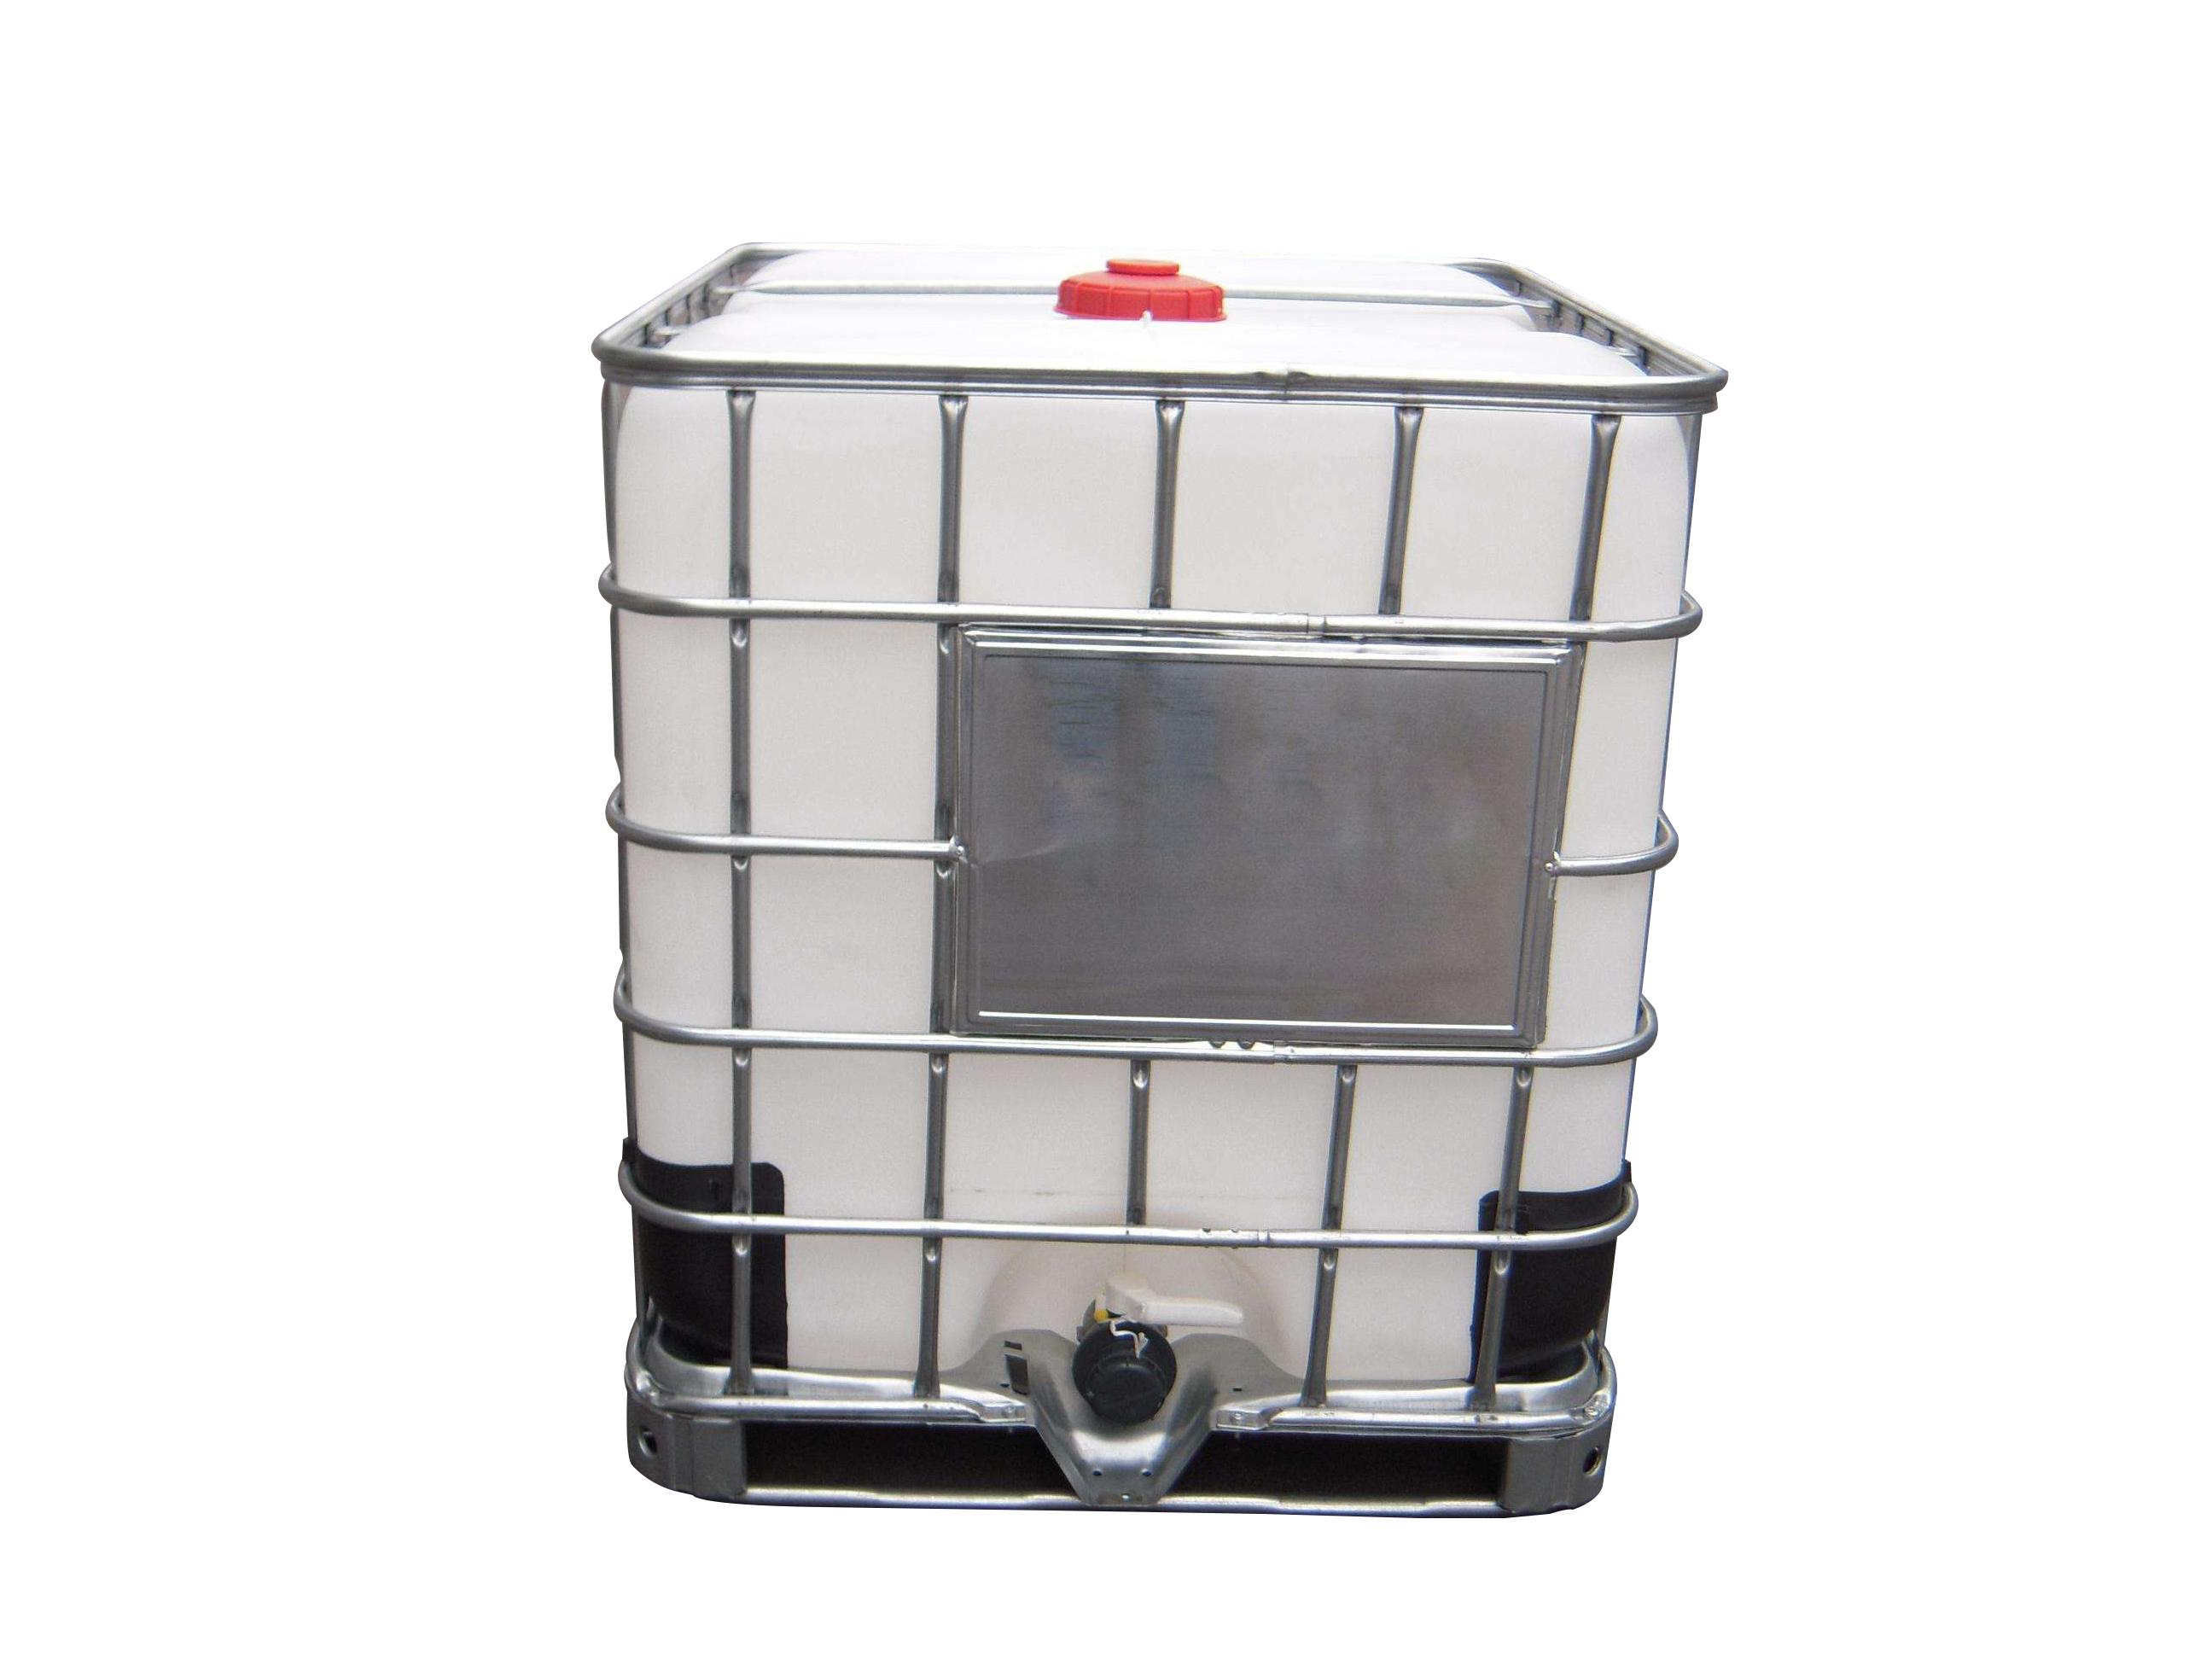 对比旧吨桶与新吨桶的优劣。